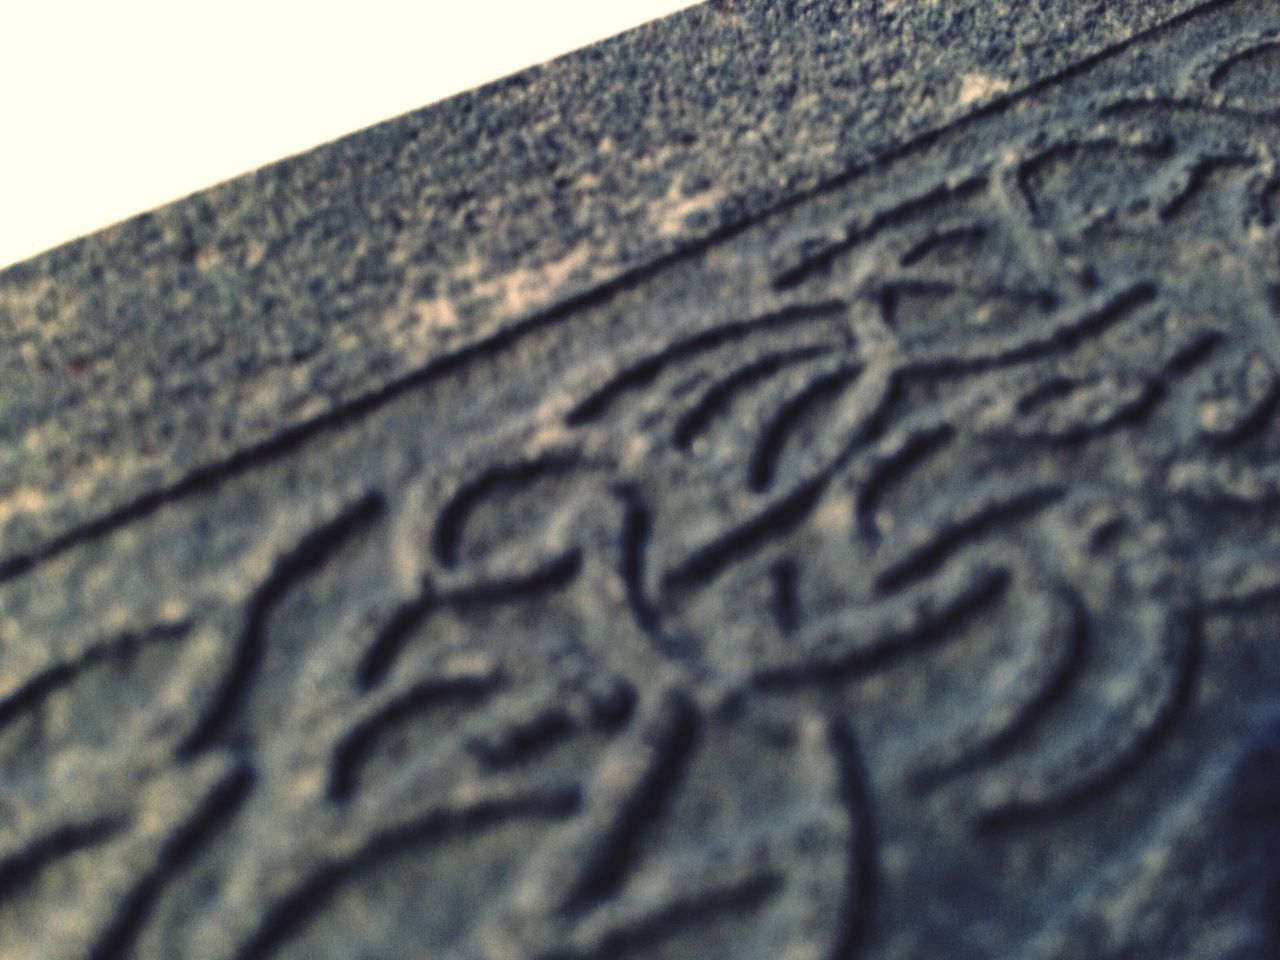 Stone Getting Inspired EyeEm Gallery EyeEm Work Light And Shadow Lovethewayyousmile Tribal Black & White Things